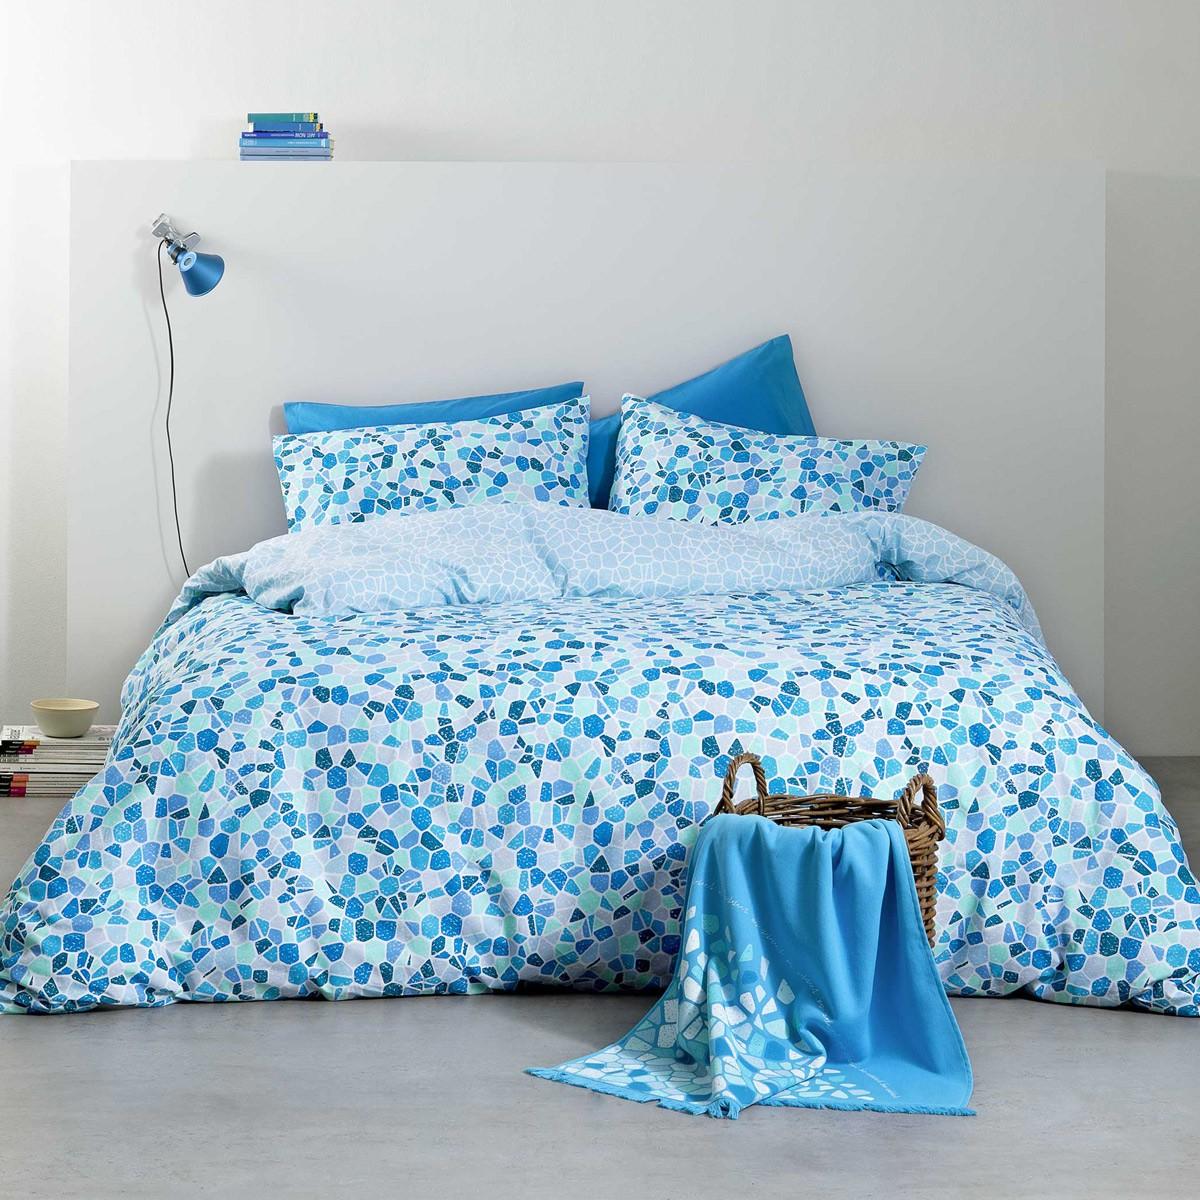 Σεντόνια Μονά (Σετ) Nima Bed Linen Boracay Blue ΜΕ ΛΑΣΤΙΧΟ ΜΕ ΛΑΣΤΙΧΟ